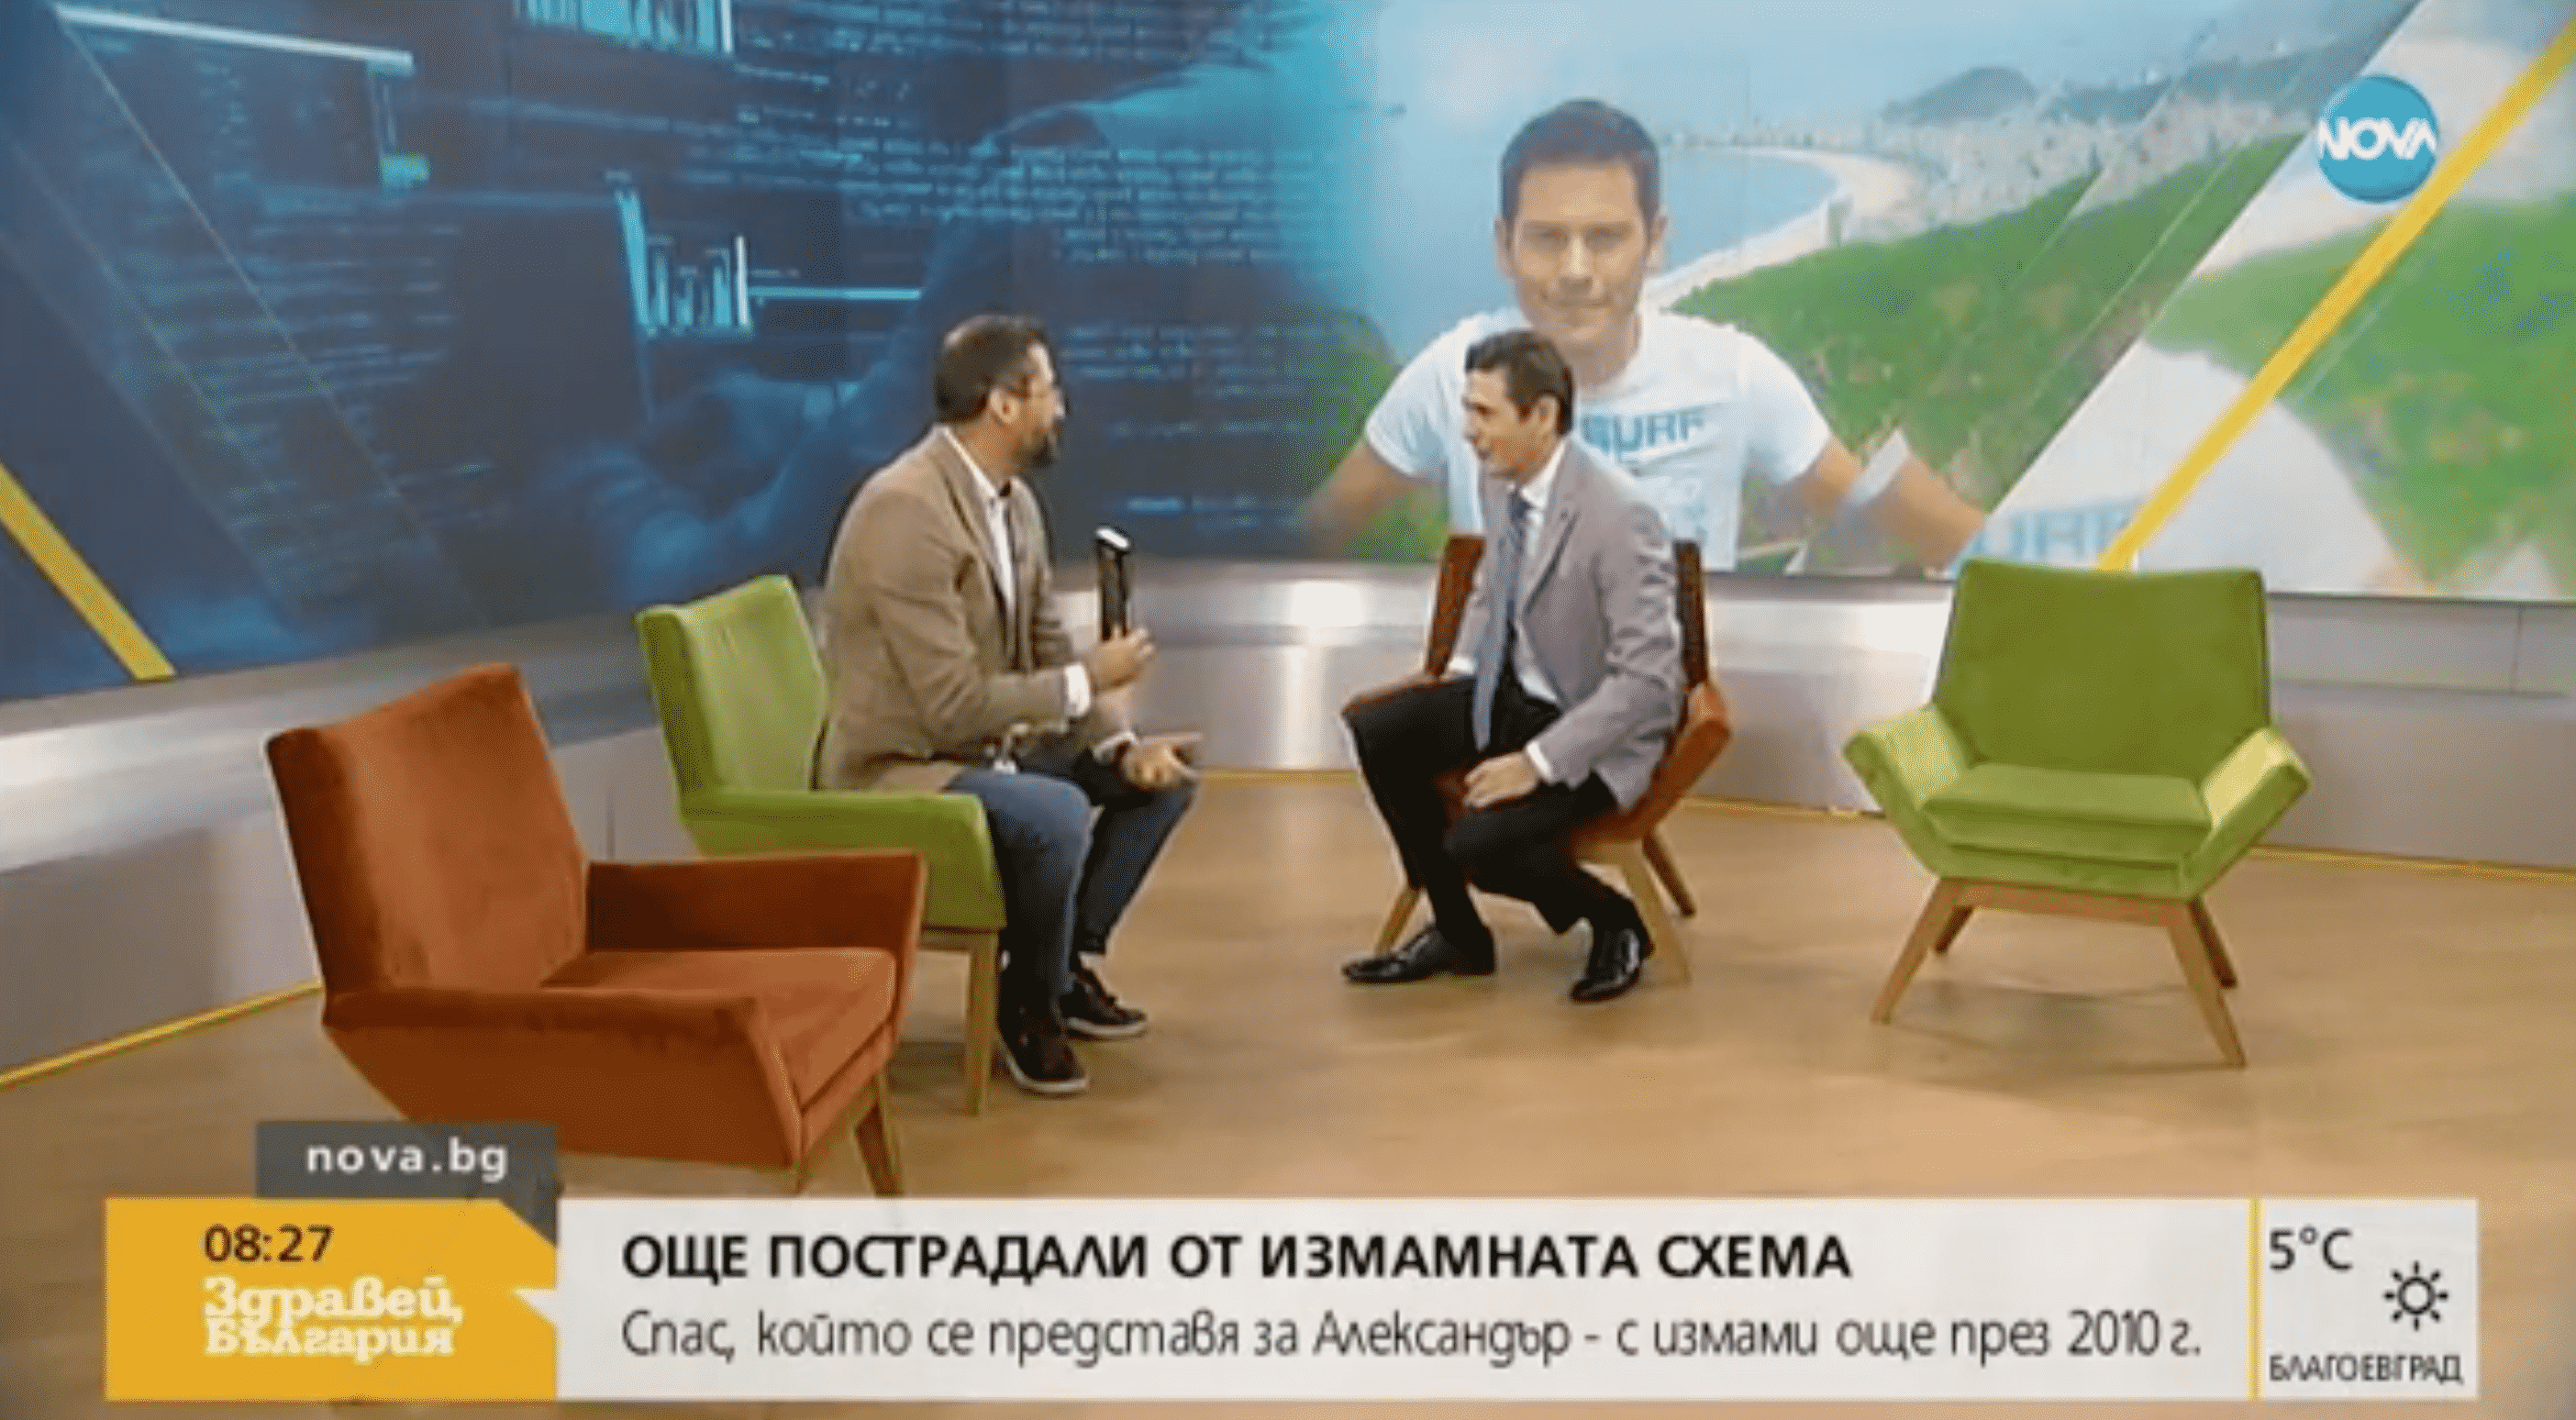 Георги Малчев в студиото на Нова Телевизия: връзката между схемата на Спас-Александър и STEPPS моделът